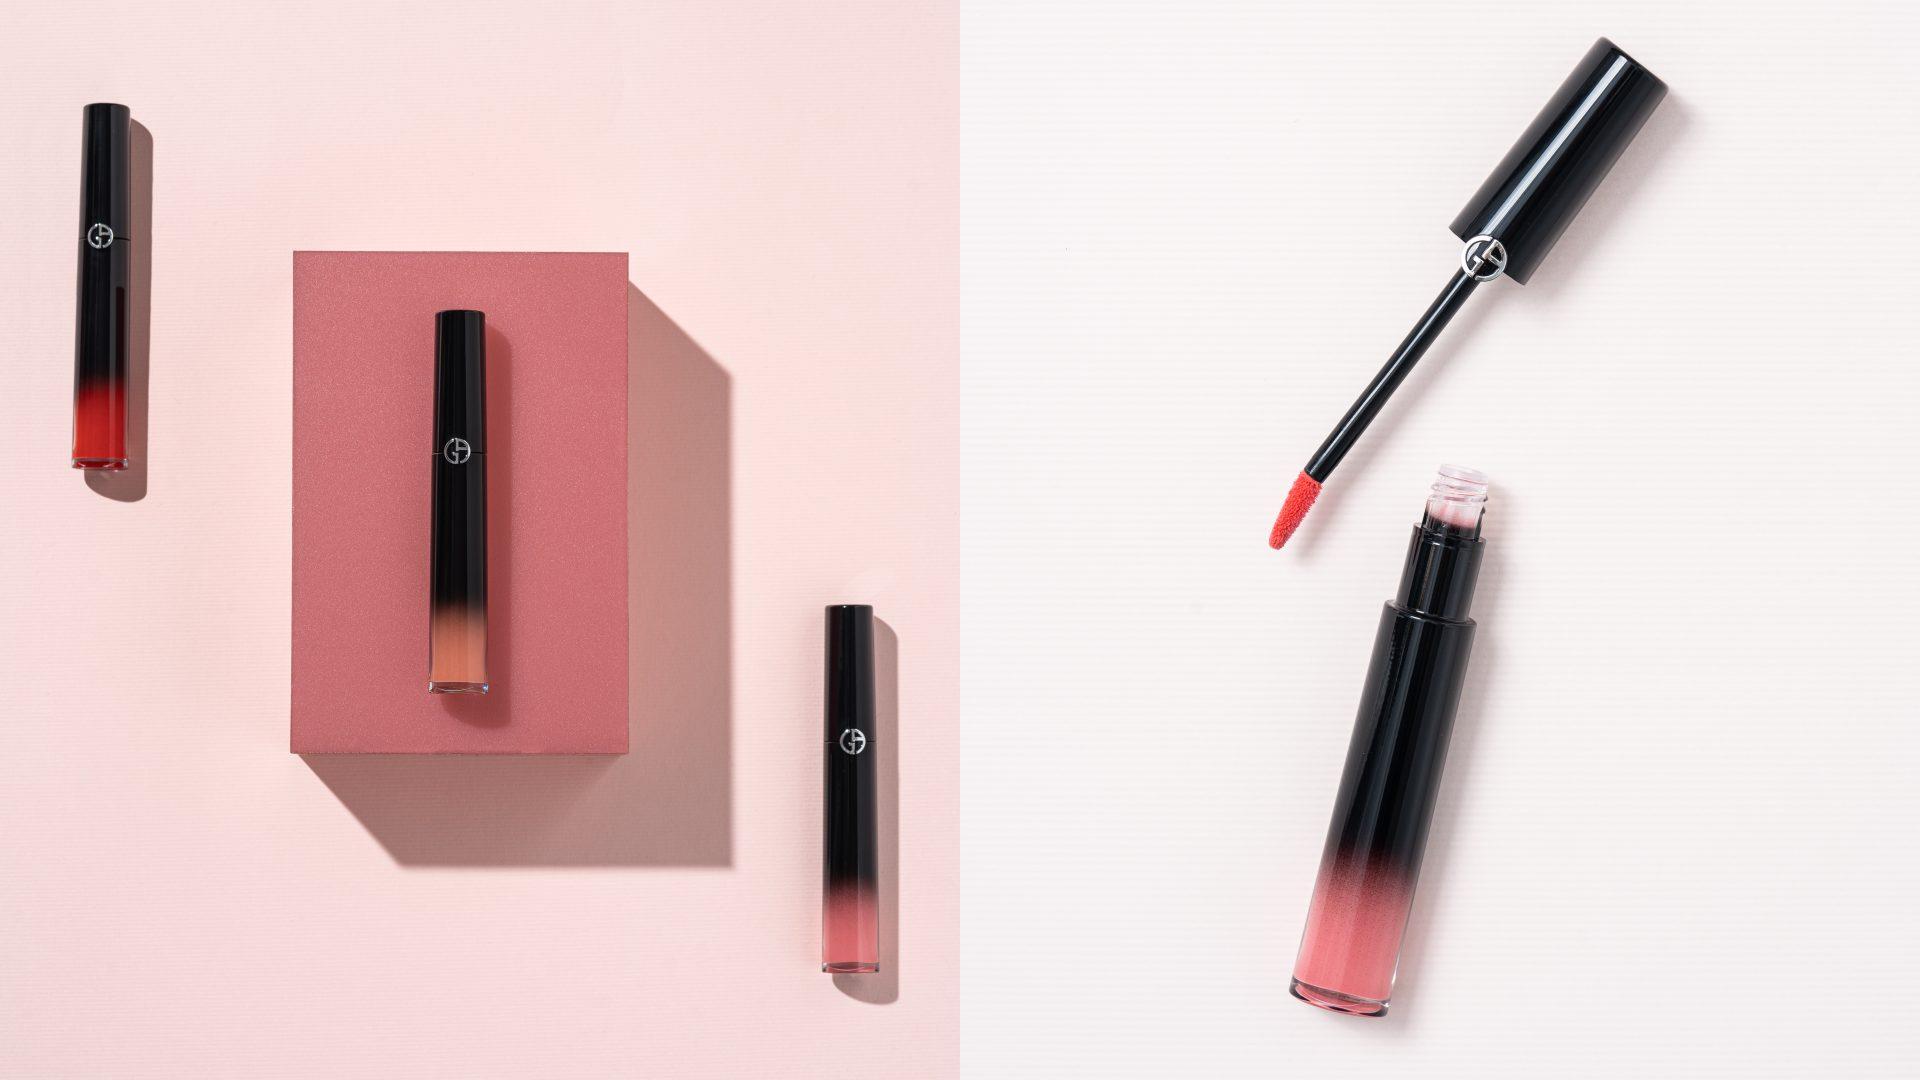 GIORGIO ARMANI 奢華訂製琉光唇萃 3色限量色